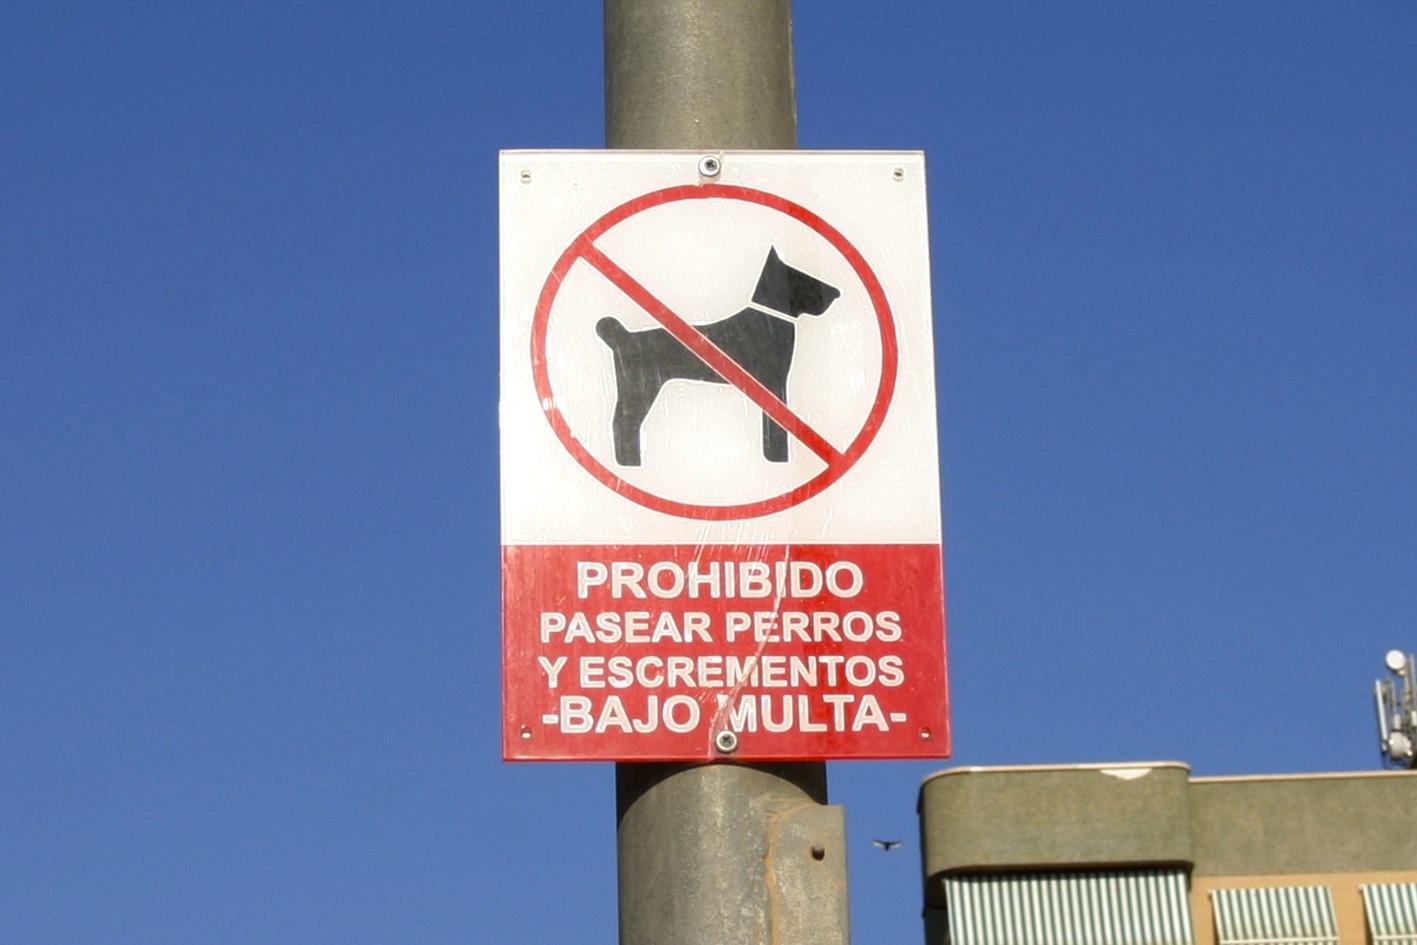 El Refugio lamenta un cartel en Águilas (Murcia) que prohíbe pasear perros